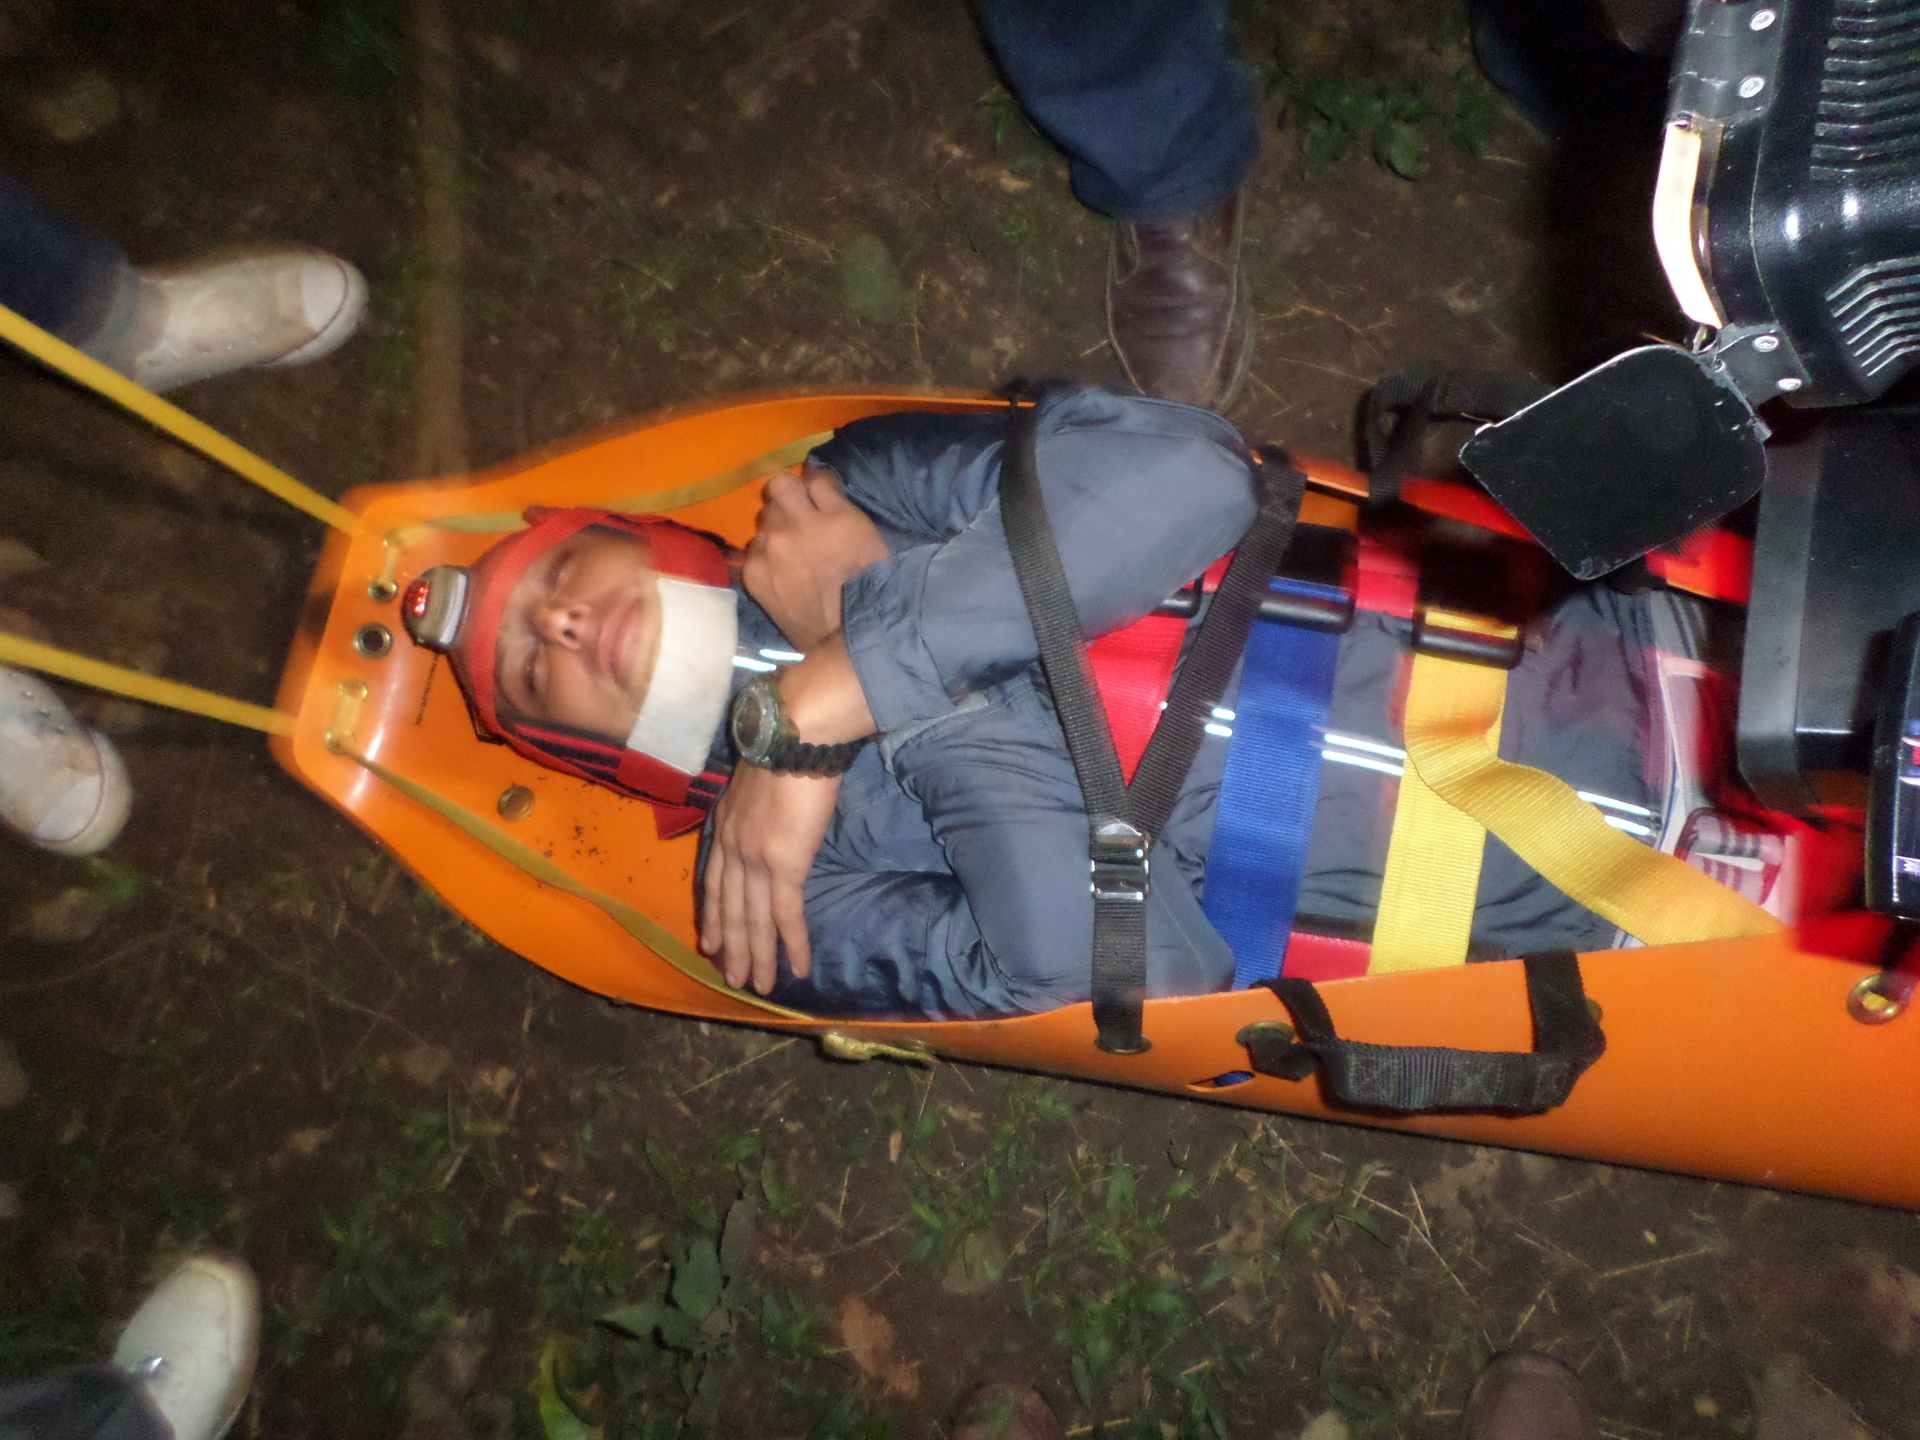 Primeros auxilios en áreas remotas: manejo de camilla sket